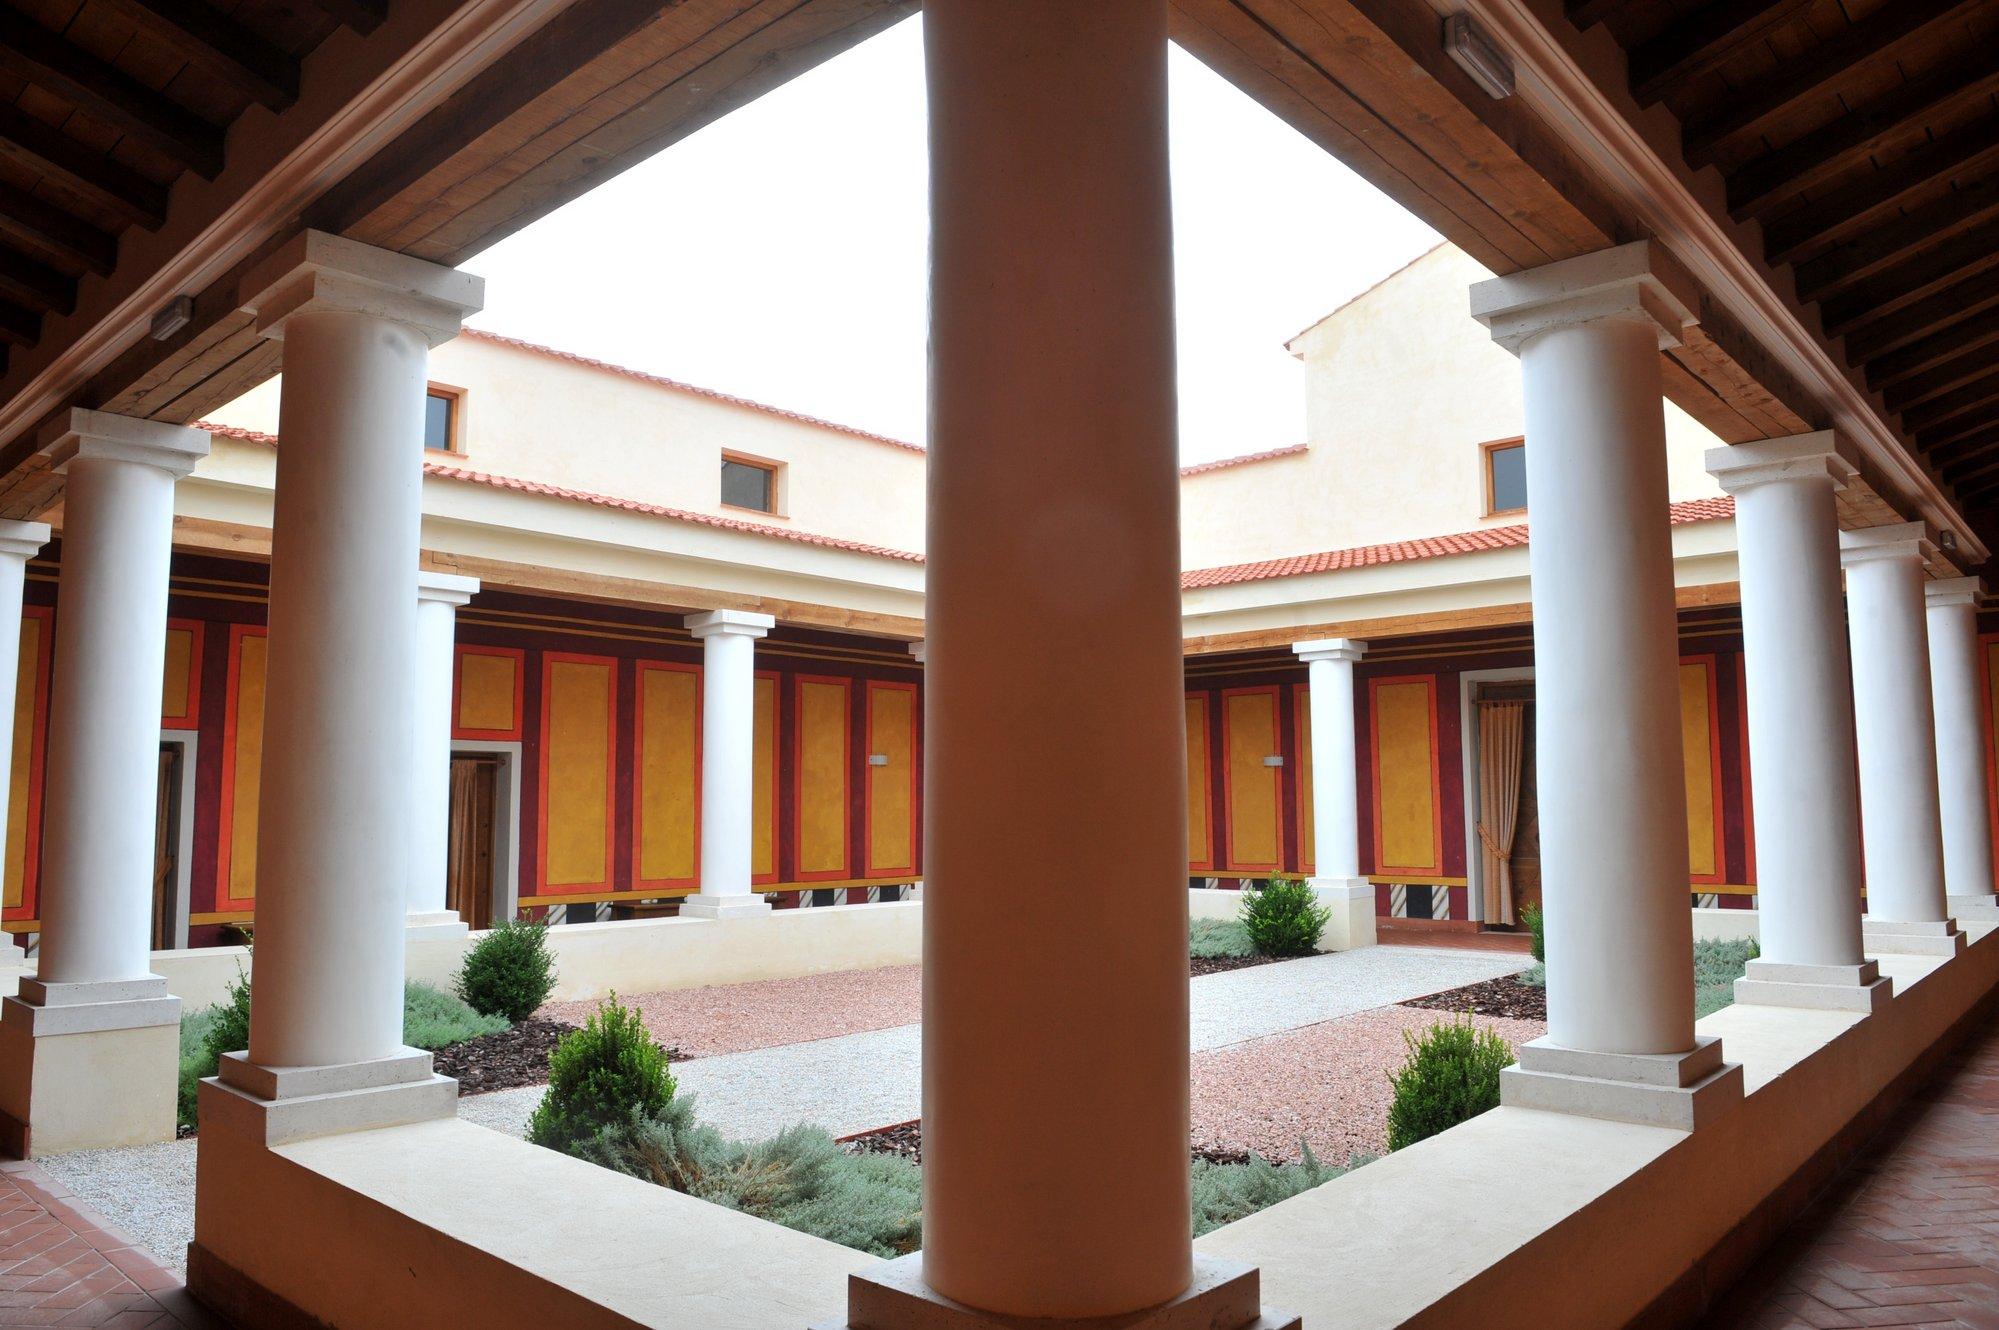 El Museo de las Villas Romanas celebra sus nueve años con un mercado romano, teatralizaciones y recreaciones históricas